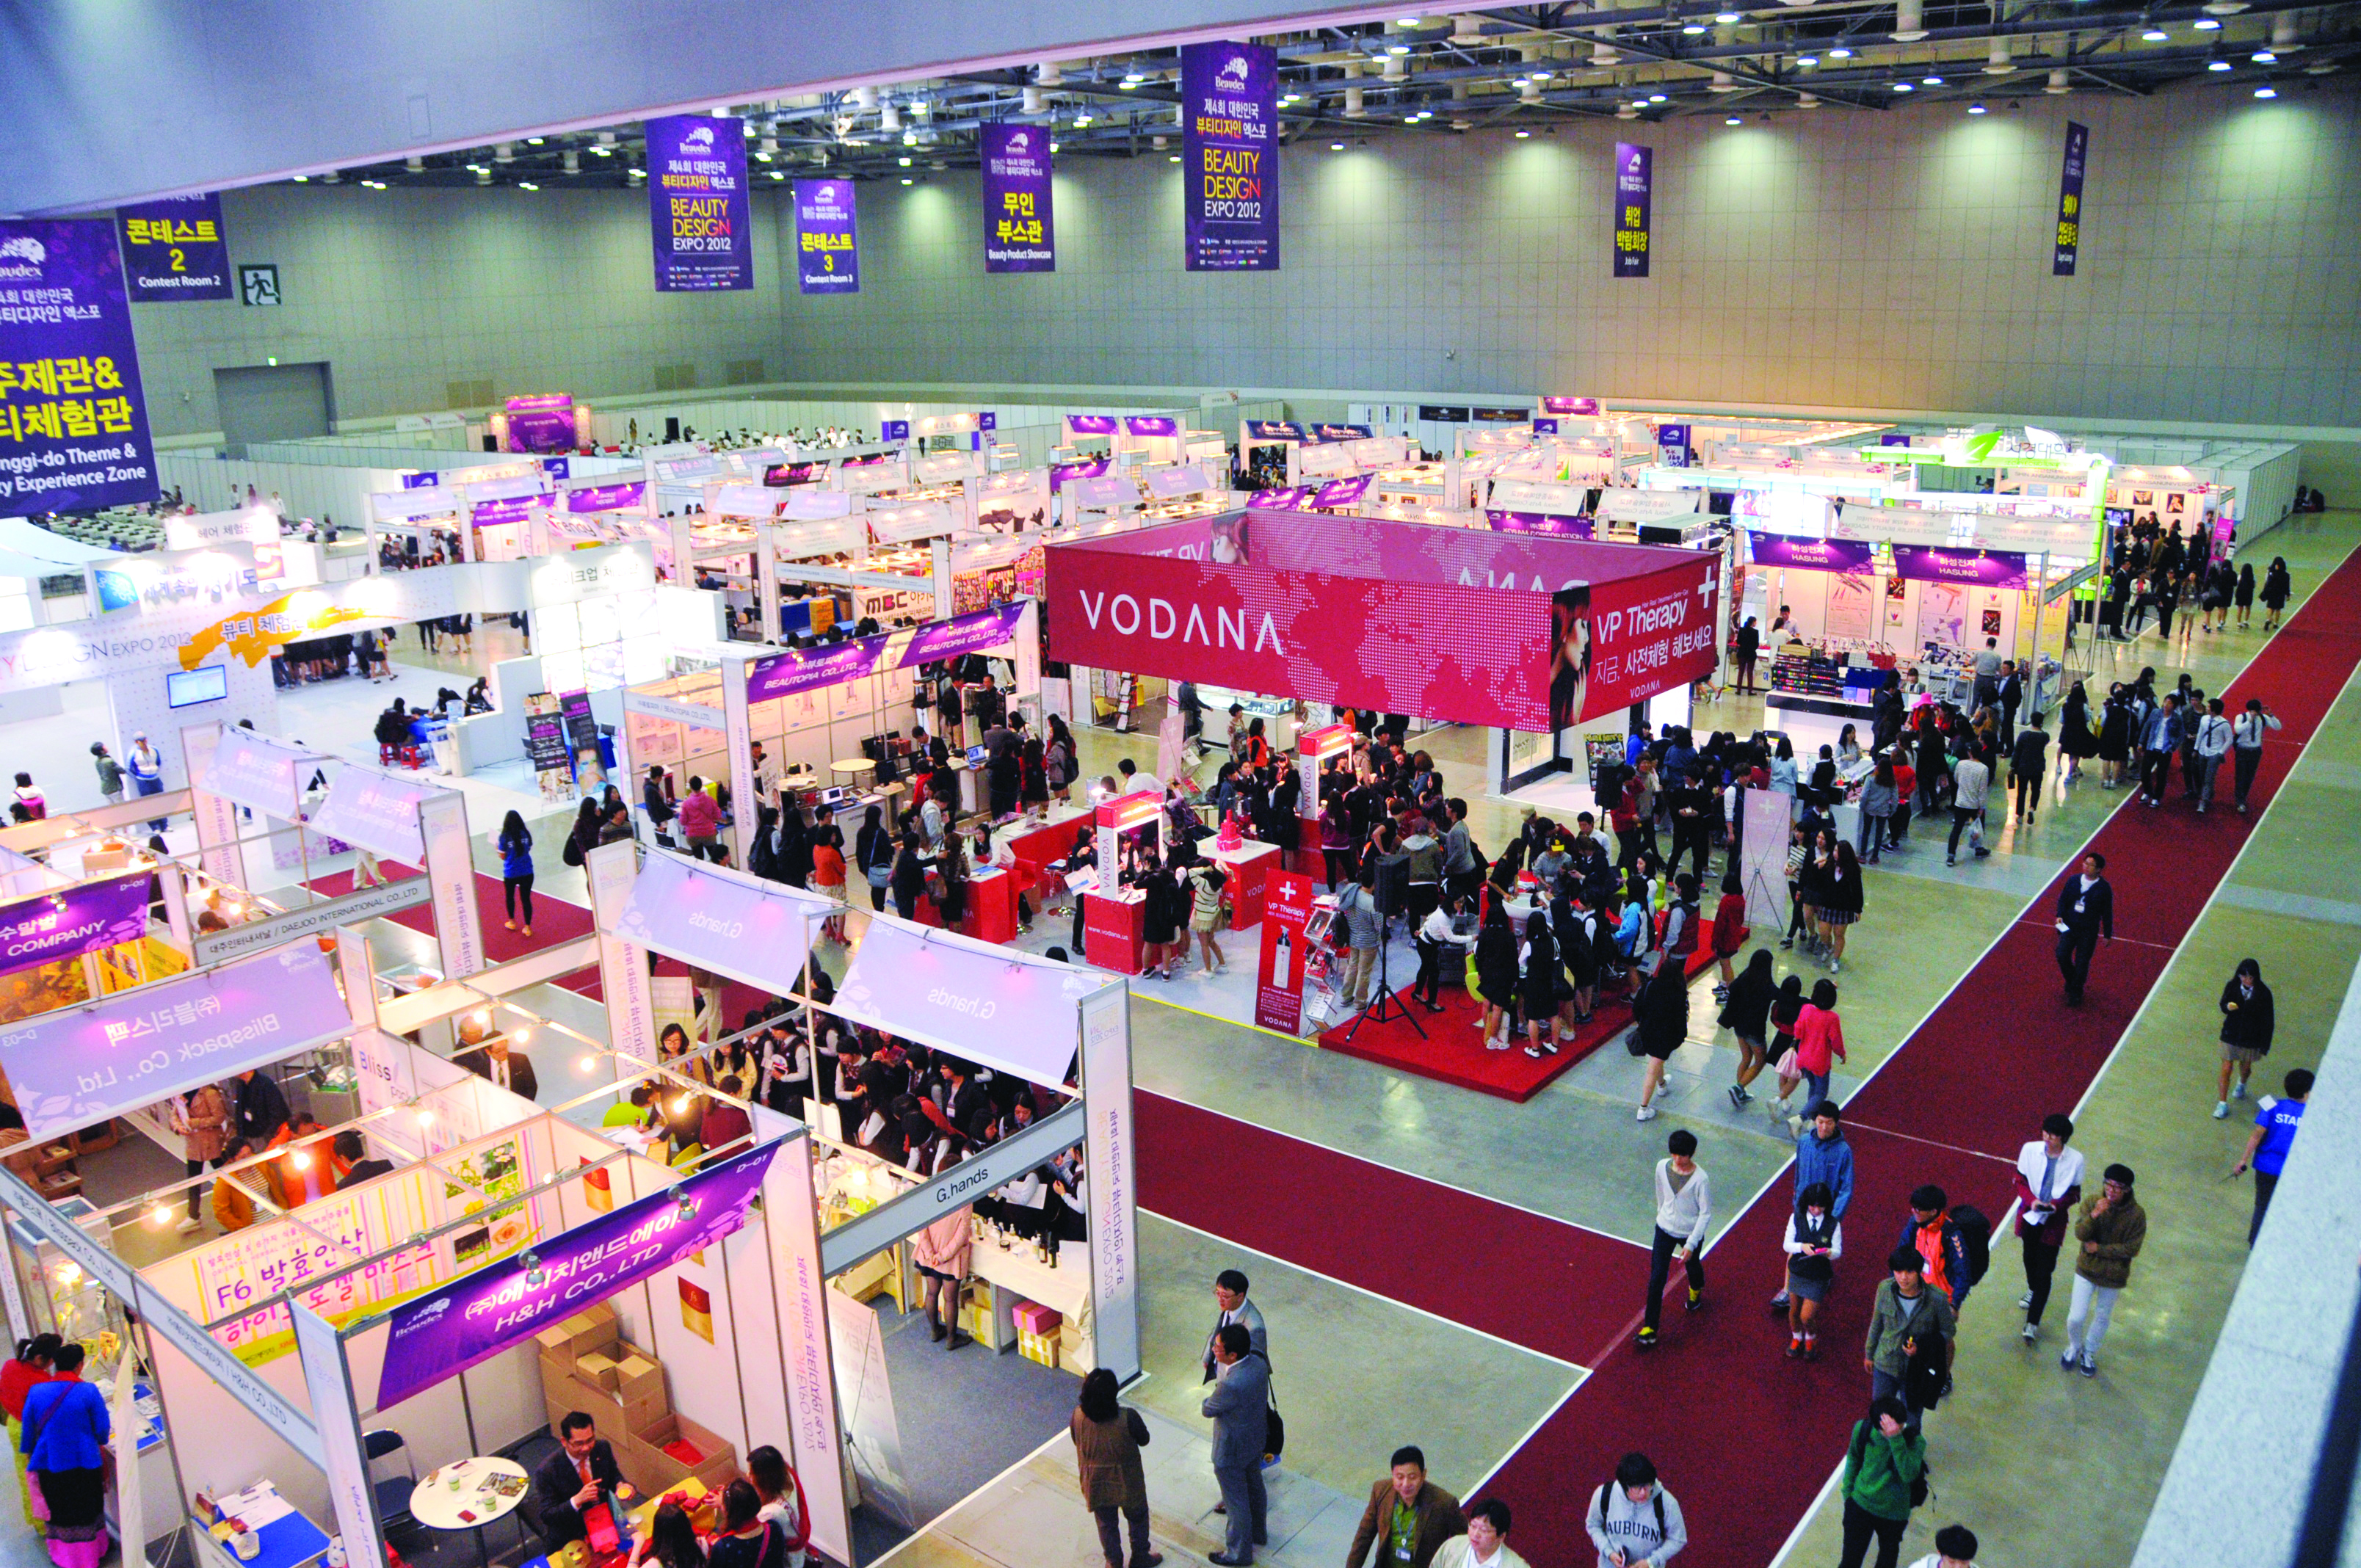 kore-beauty-expo-2013-photo